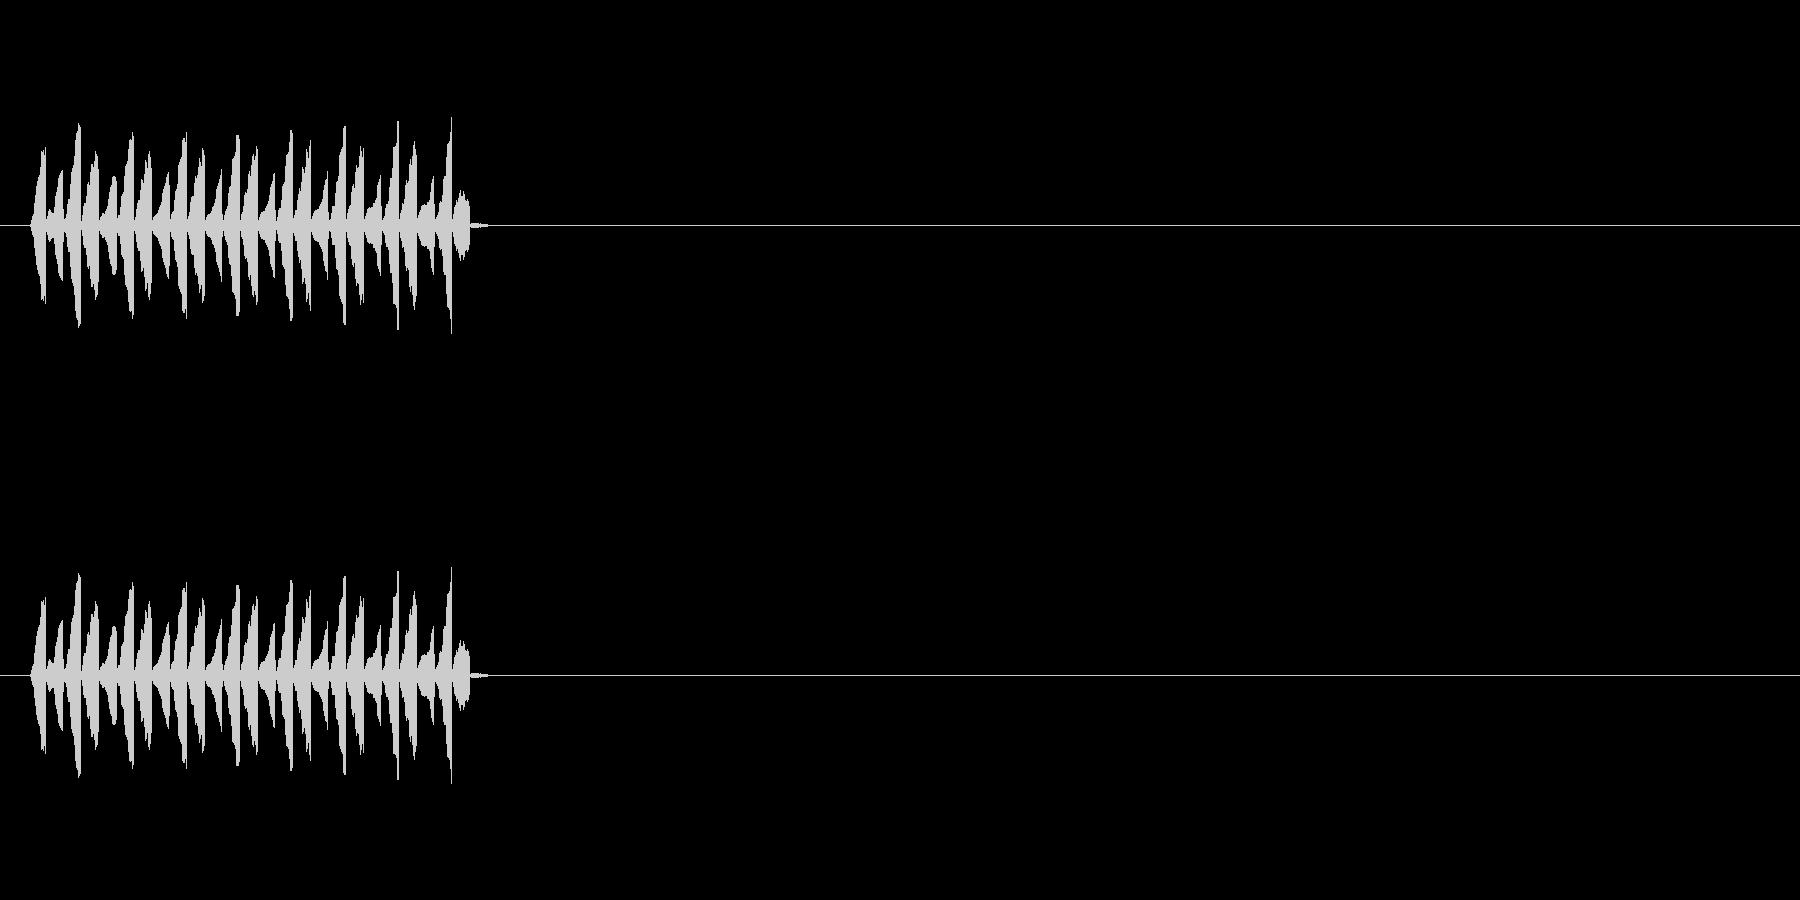 NPC会話音(声が高い)の未再生の波形